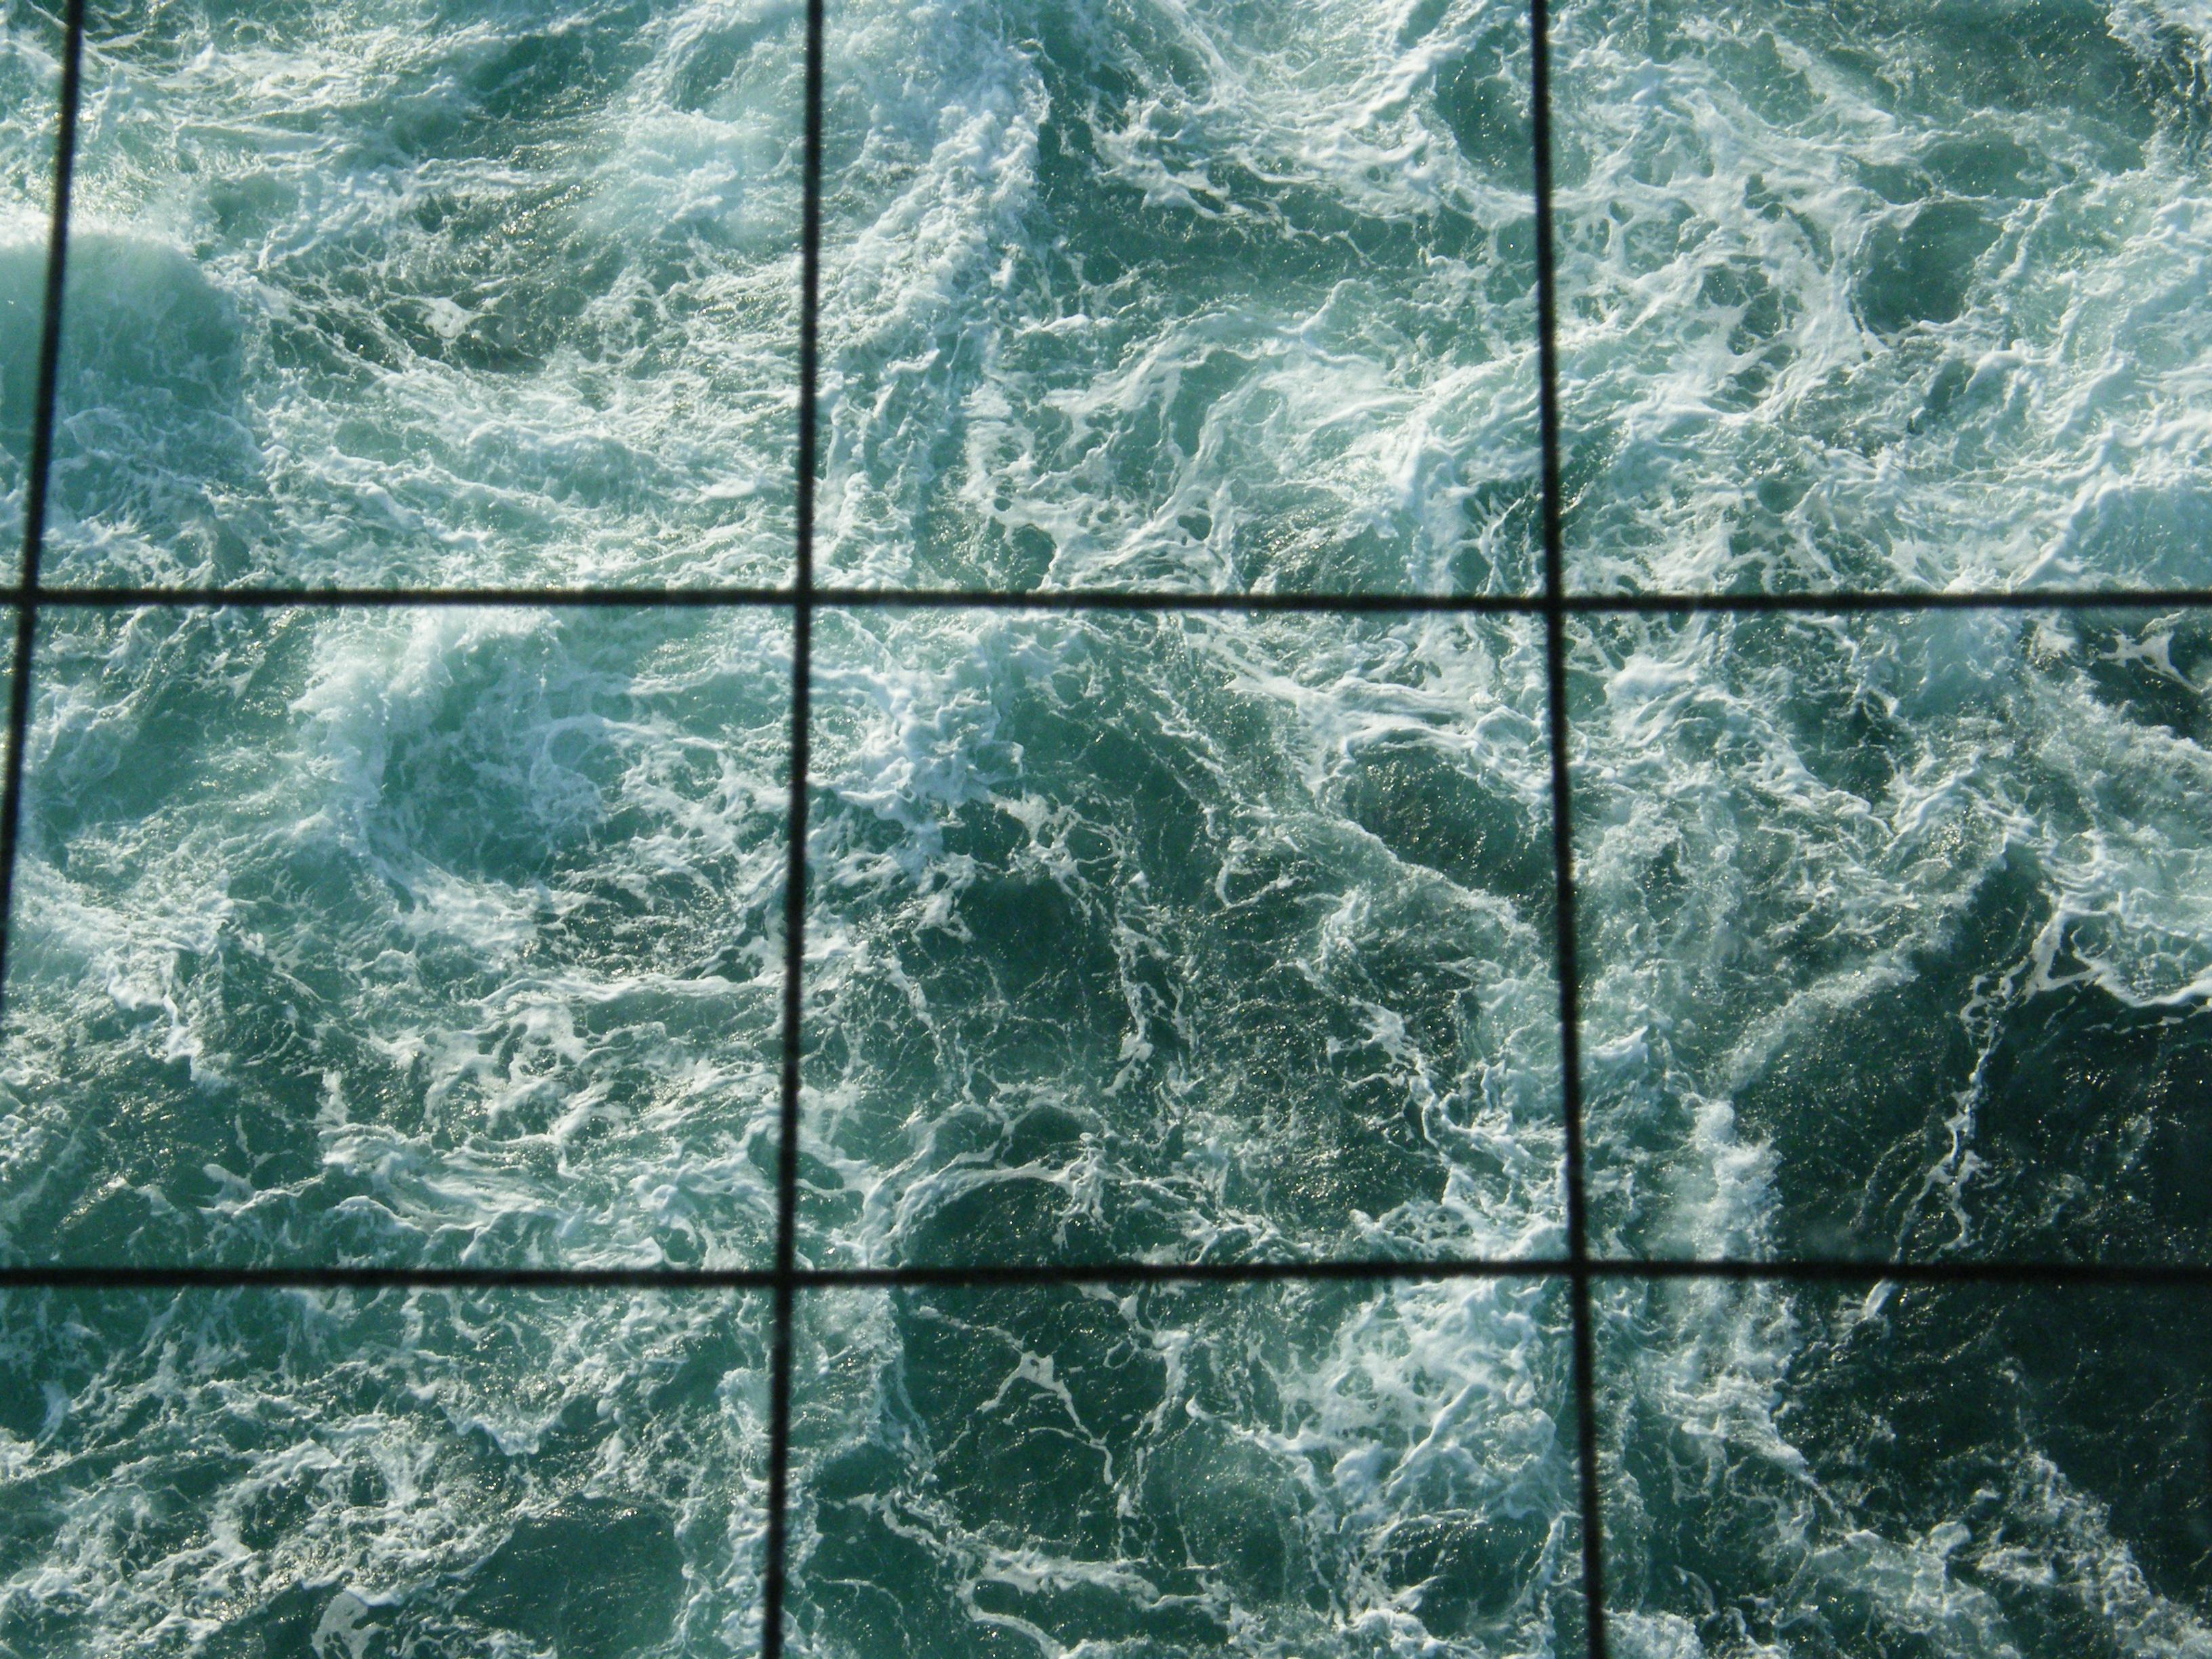 le tempestose acque dello stretto...